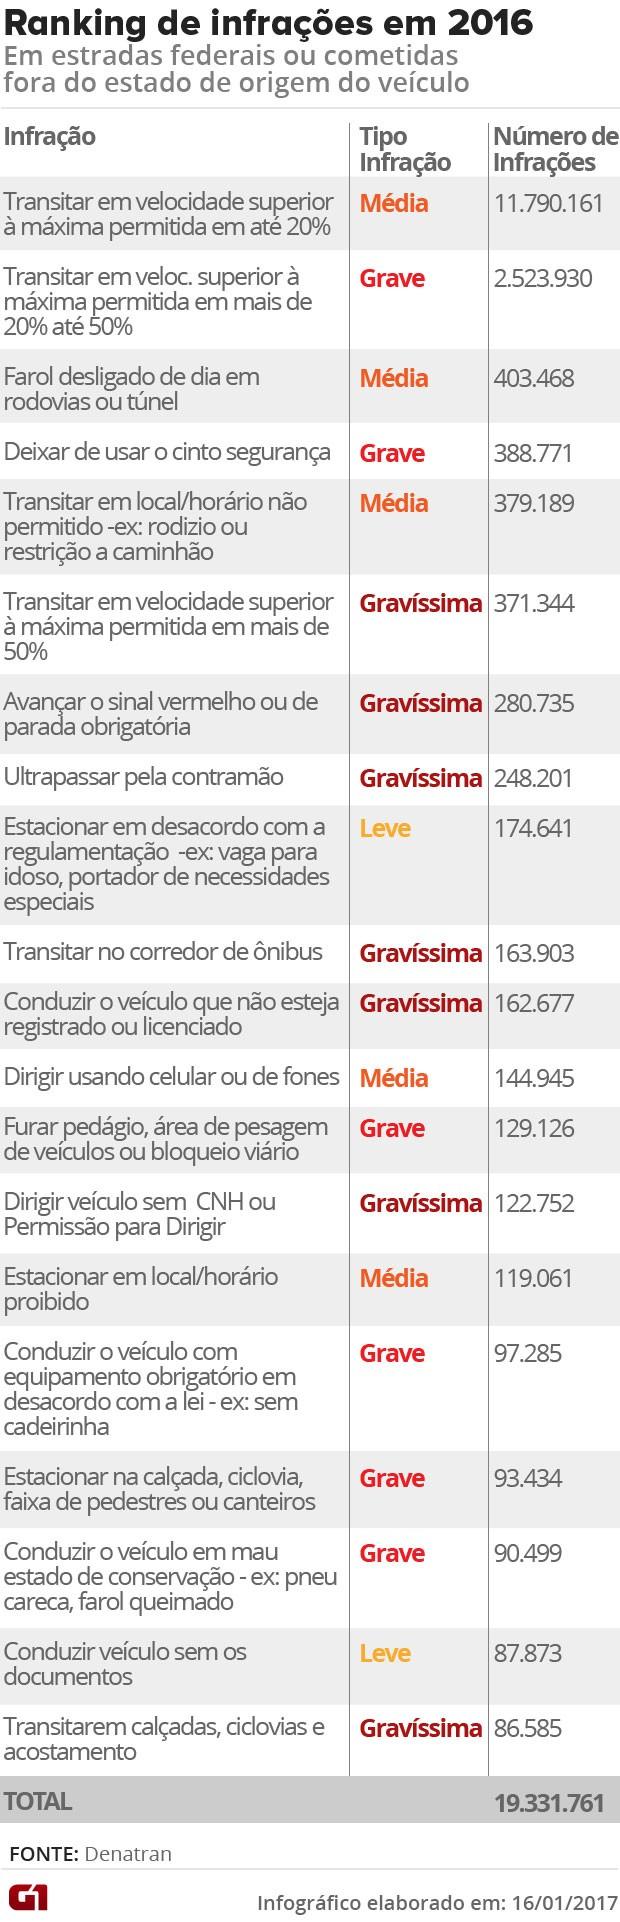 Ranking de infrações de trânsito mais cometidas em 2016, segundo o Renainf (Foto: G1)